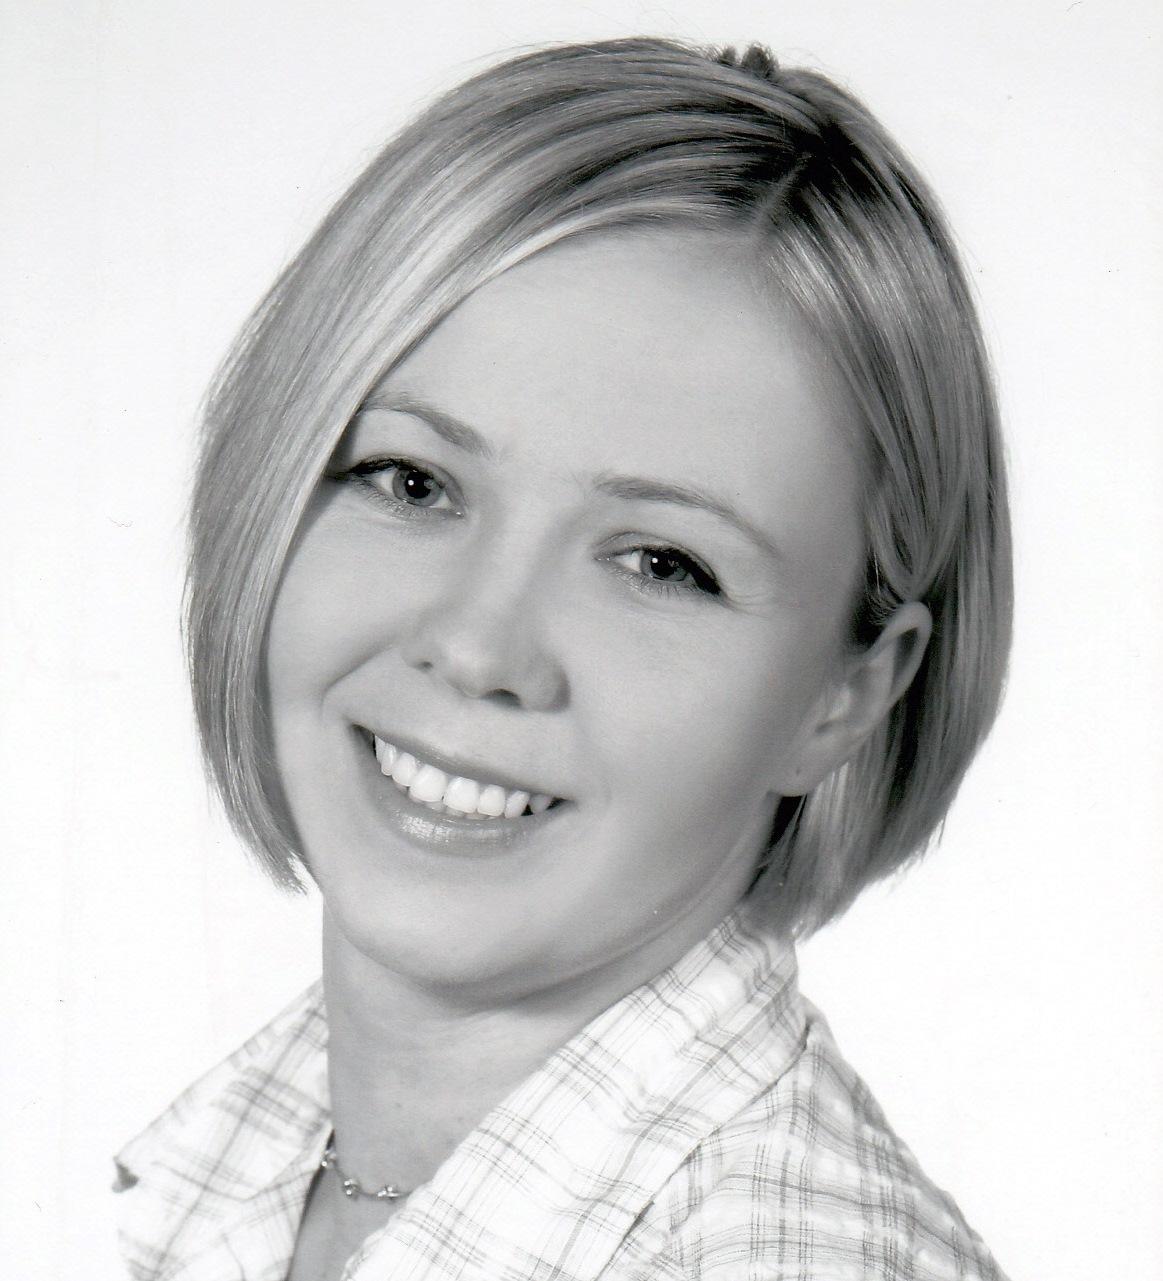 Picture of Emilia Skora